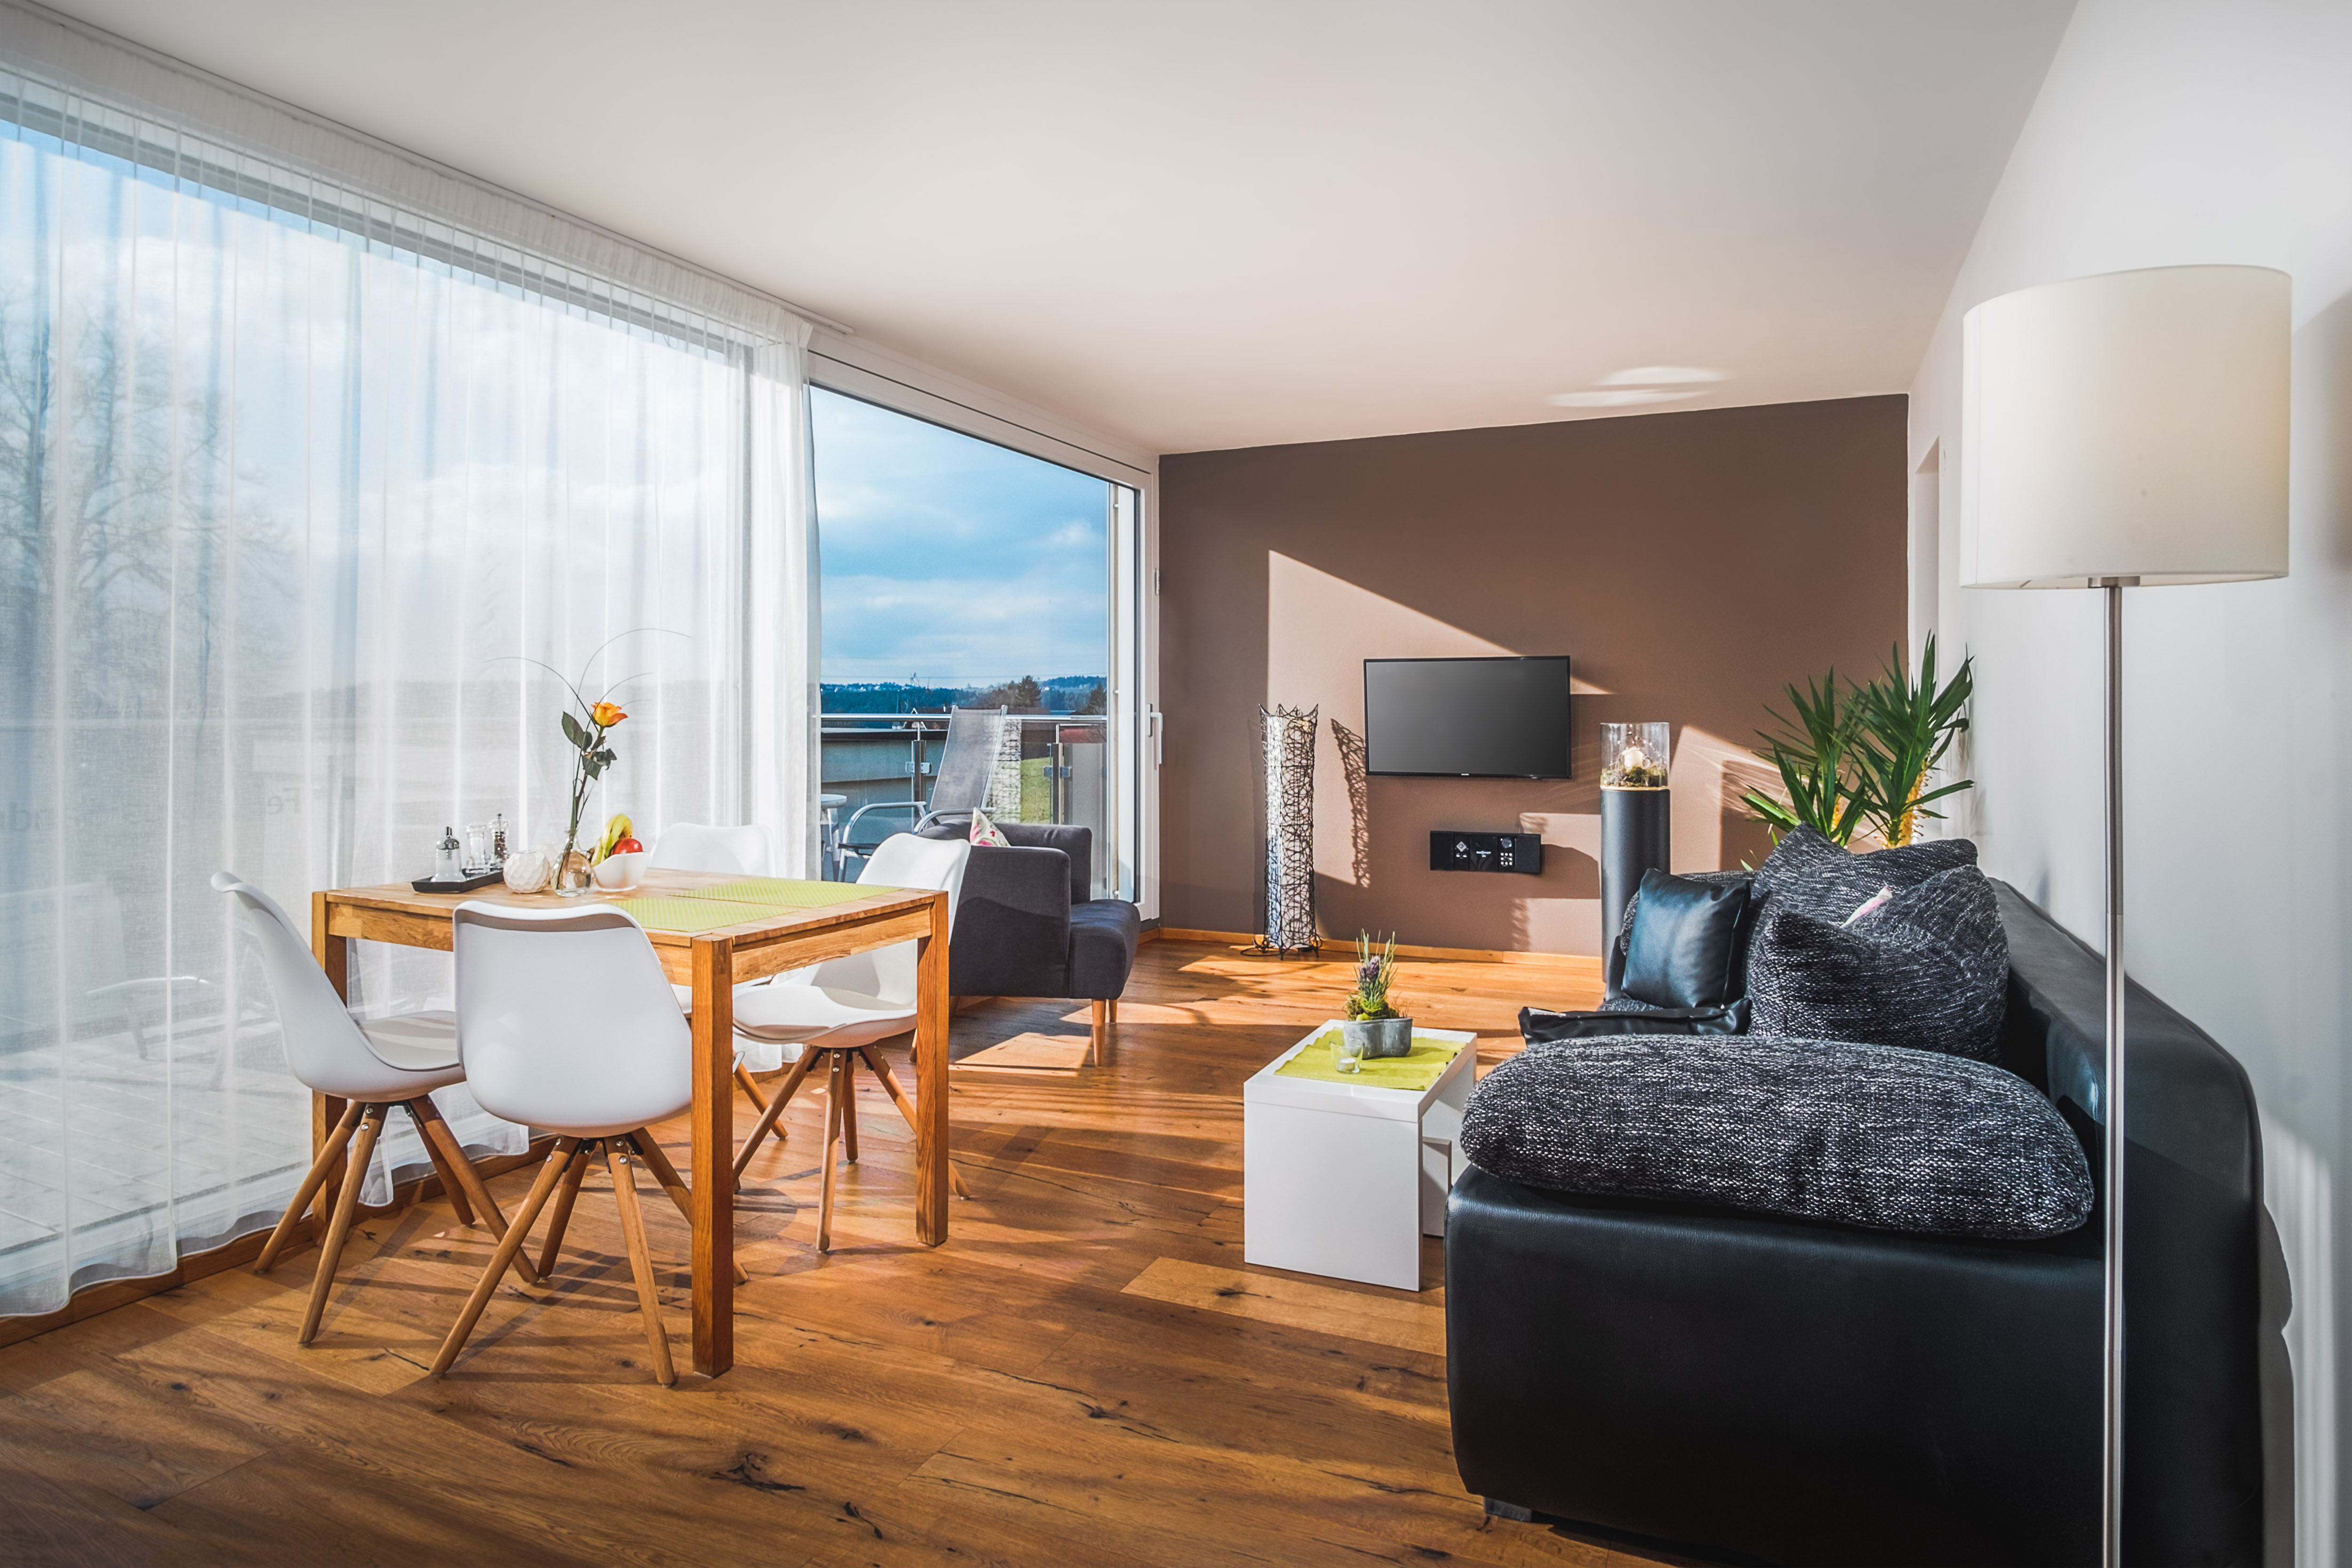 Maison de vacances Sandra, (Hörbranz). Ferienwohnung Seeblick, 58qm, 1 Schlafzimmer, max. 4 Personen (2127338), Hörbranz, Bregenz, Vorarlberg, Autriche, image 14